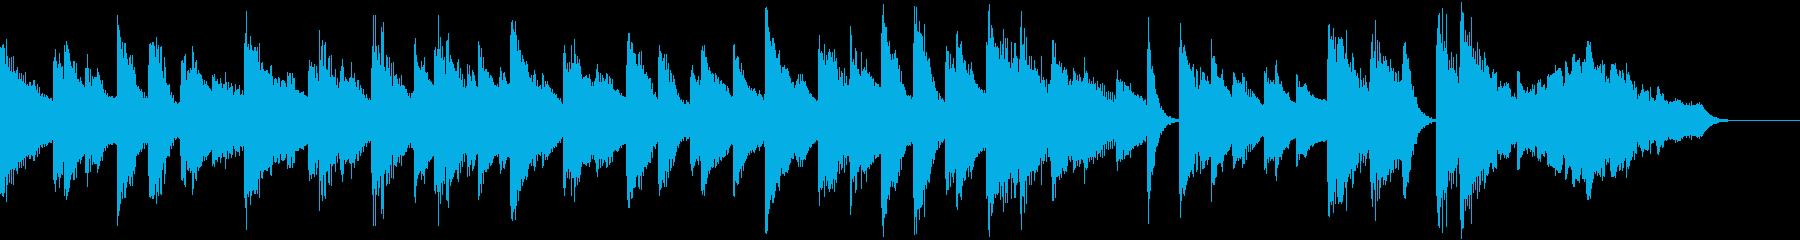 ゆるいブルースリラックスピアノジングルの再生済みの波形